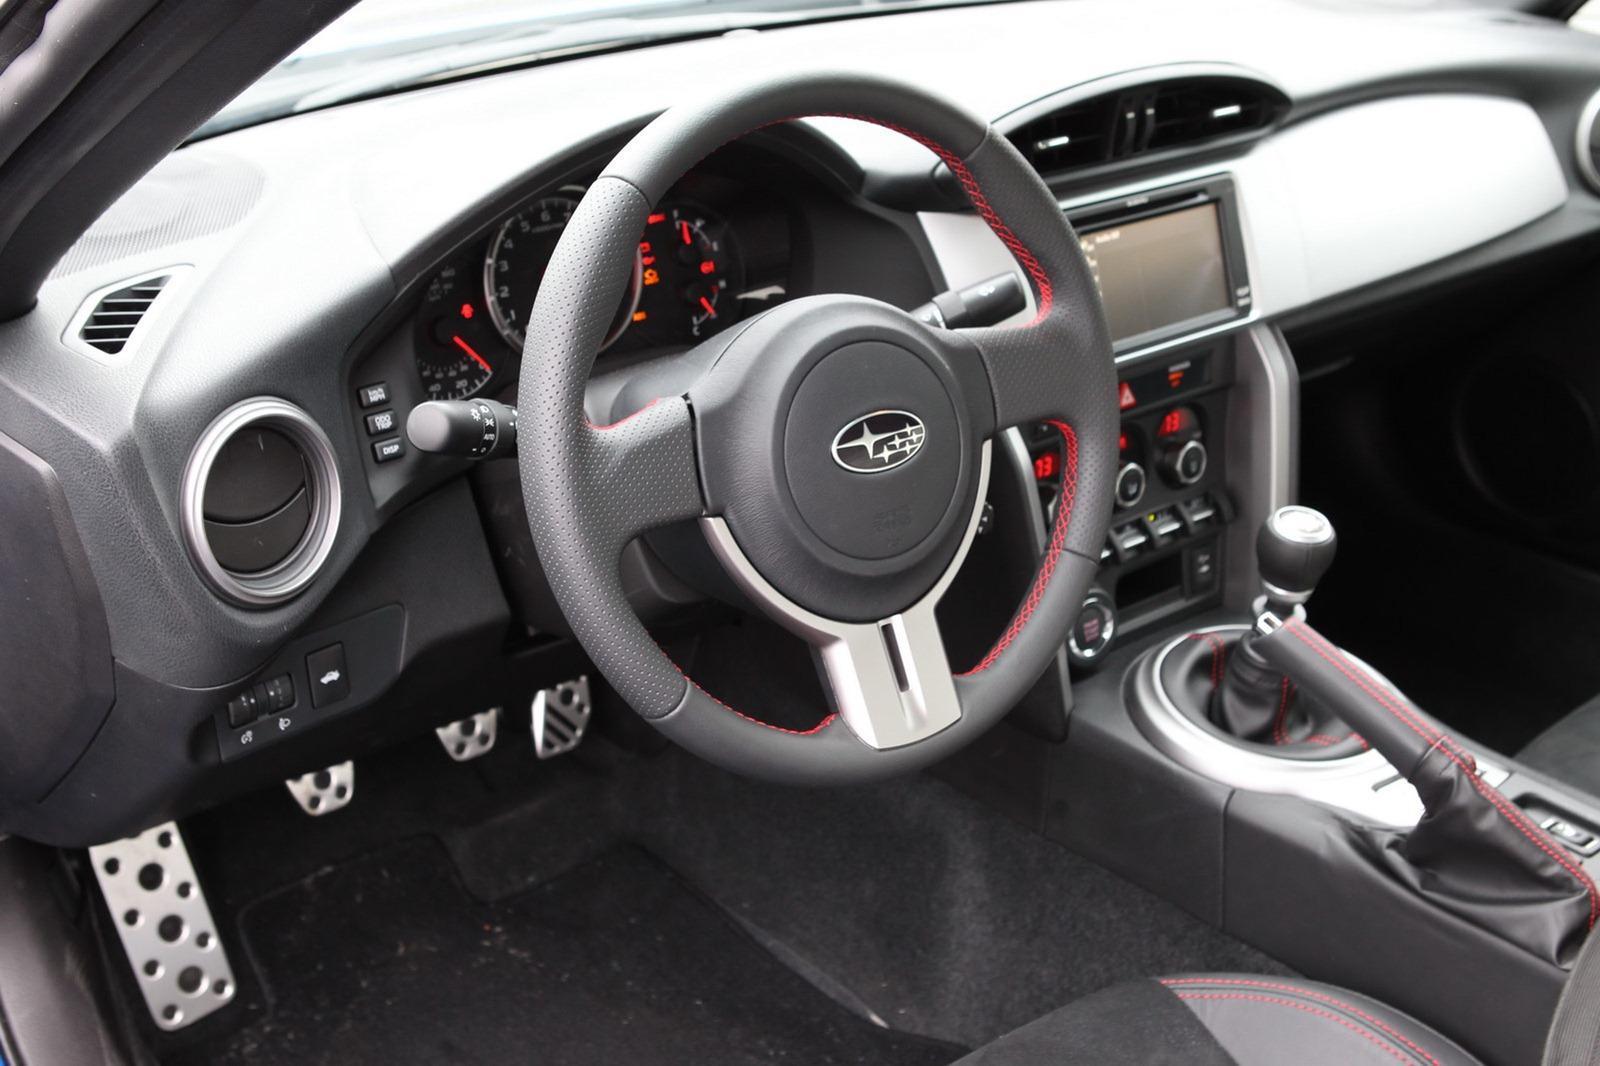 2013-Subaru-BRZ-Coupe-Interior-2.jpg?imgmax=1800